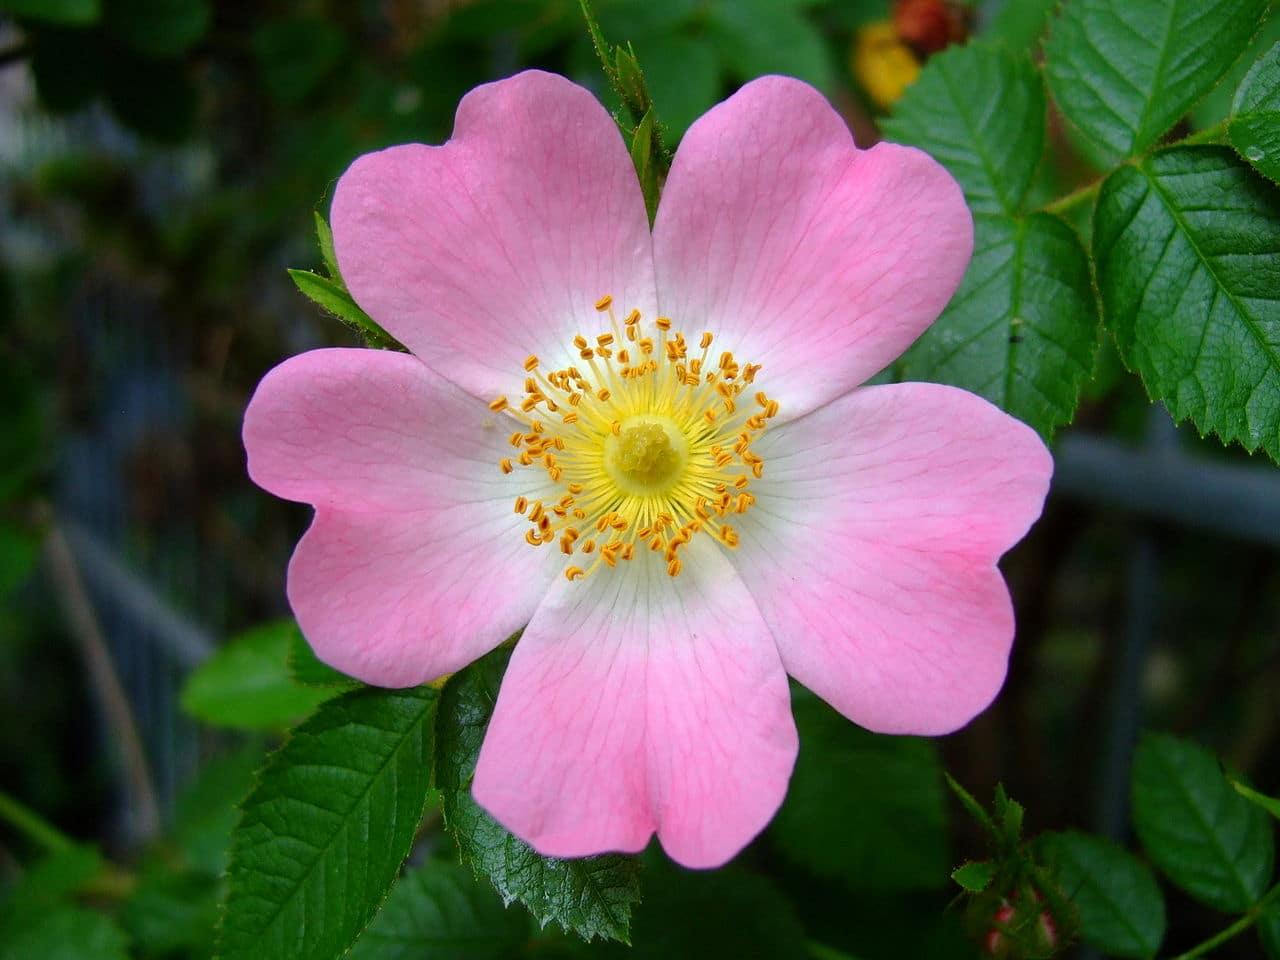 La Rosa canina tiene flores rosadas